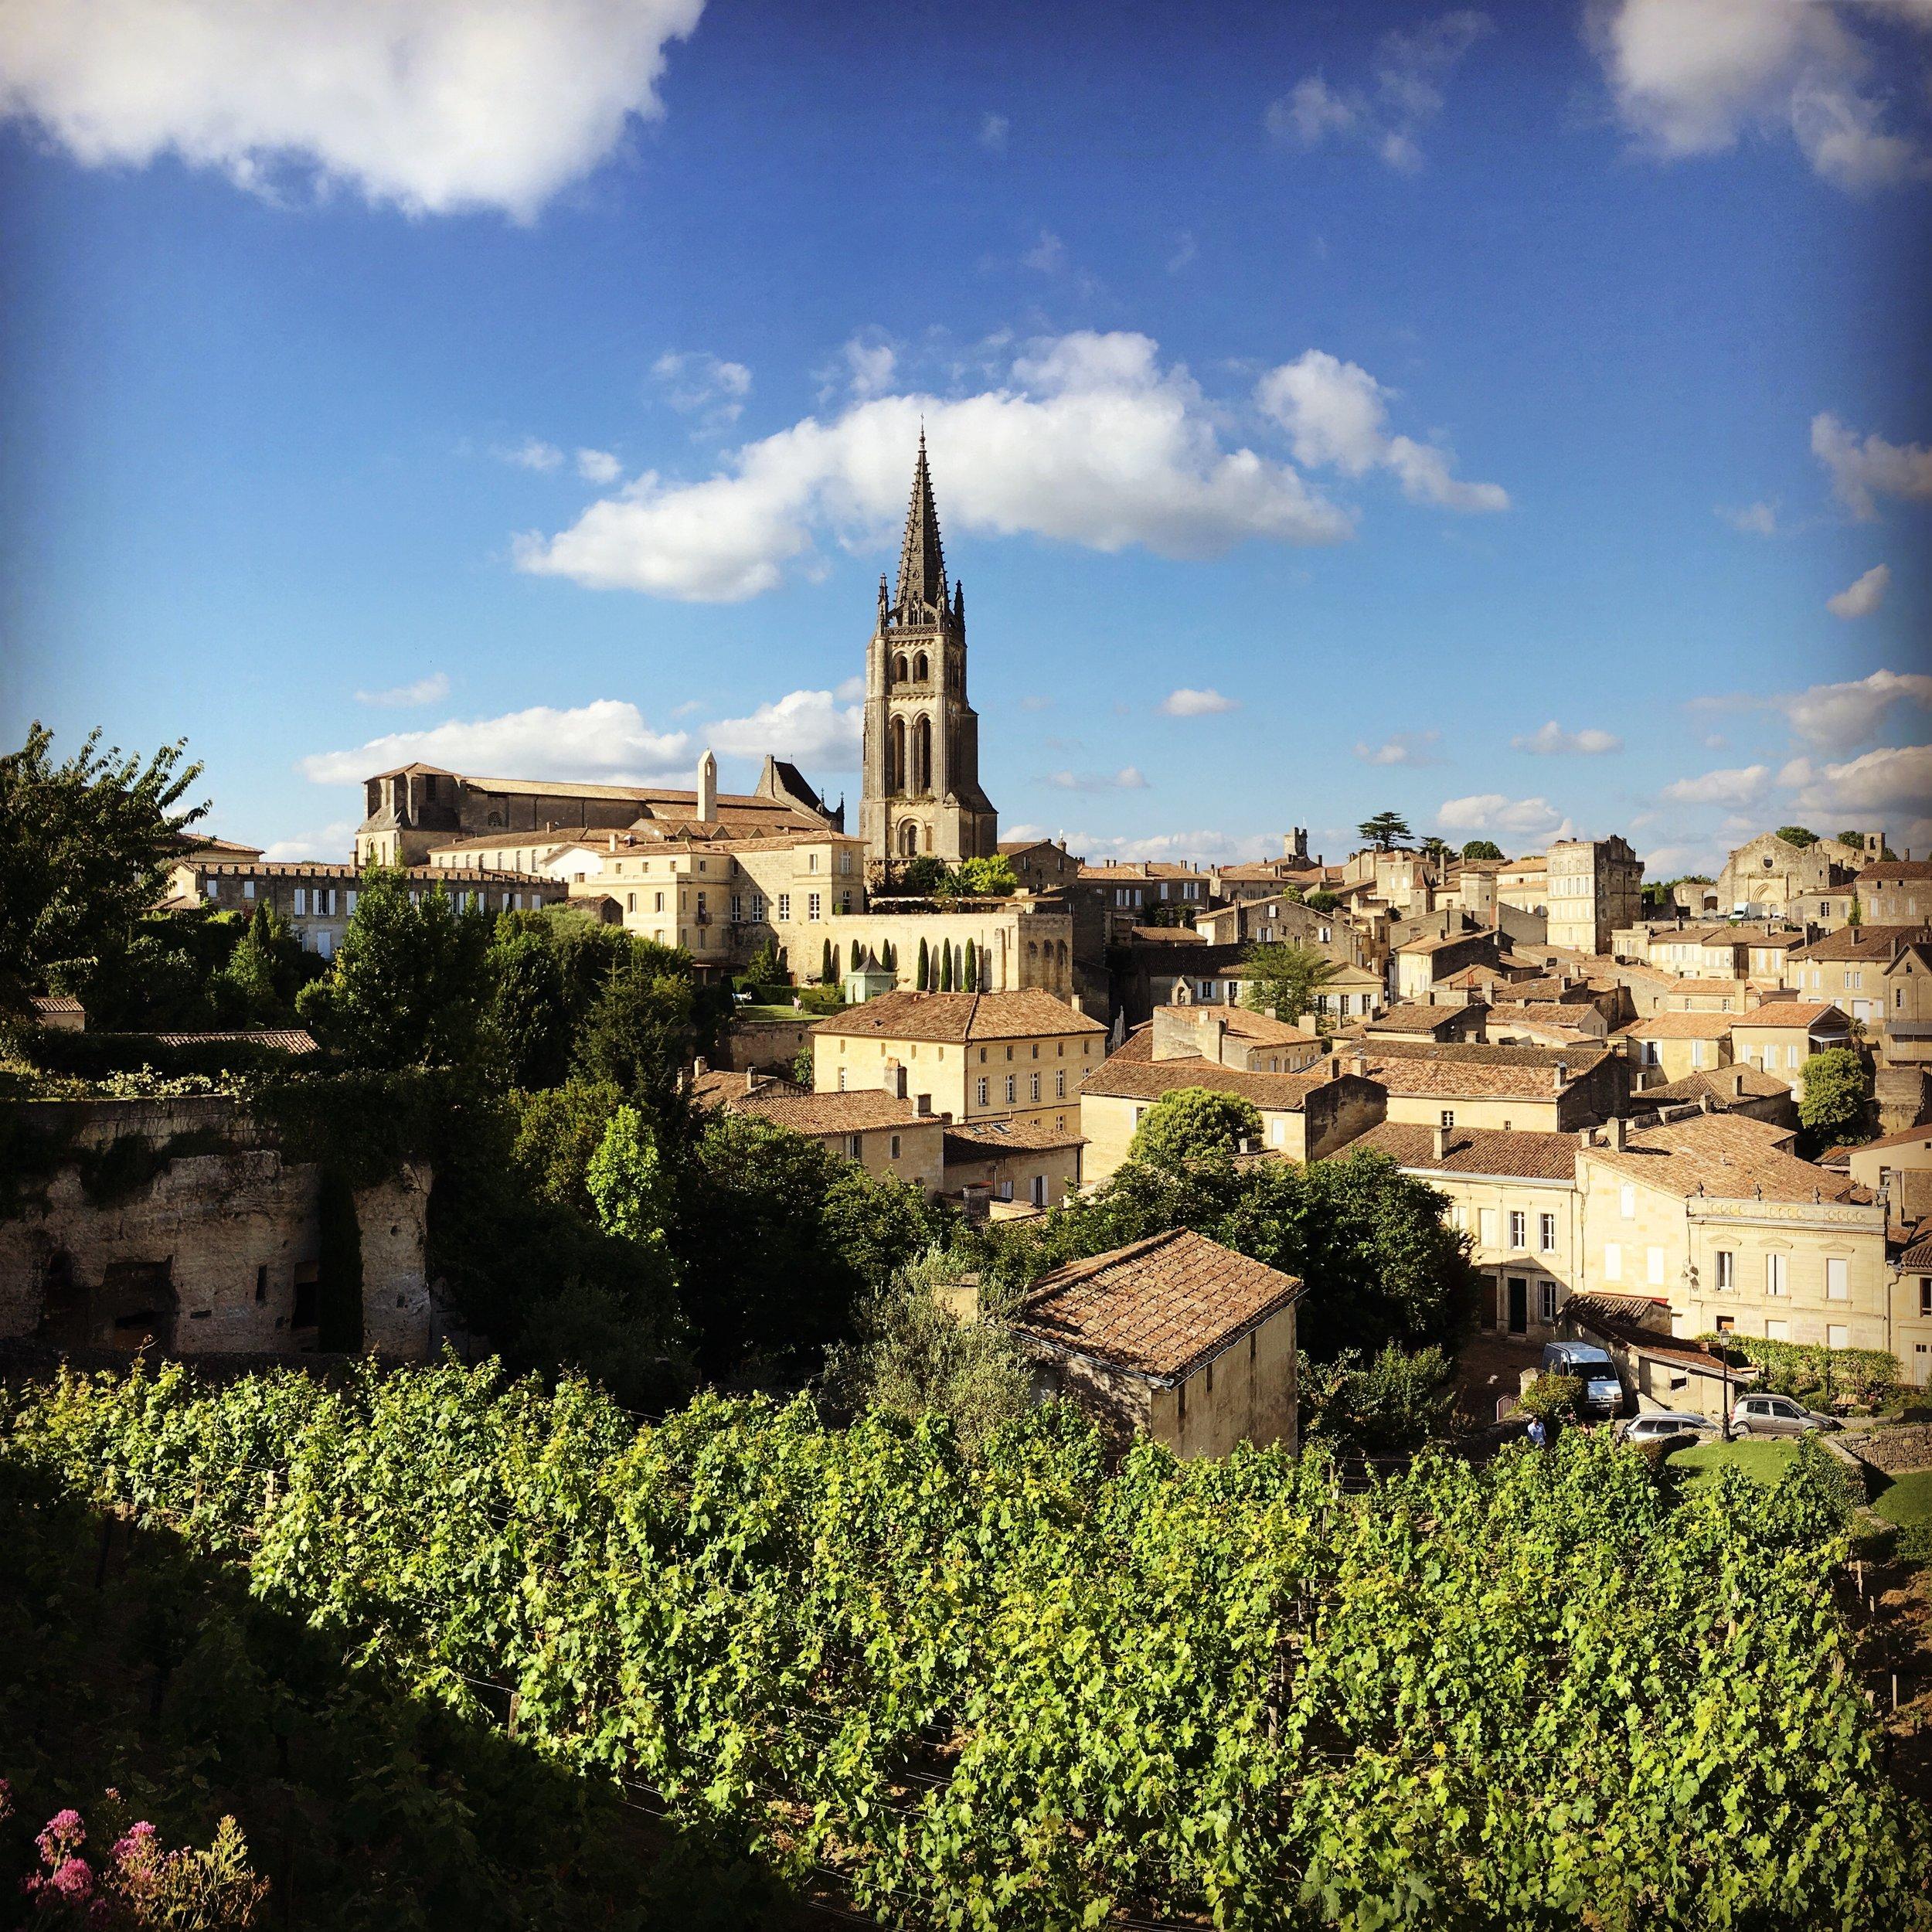 St. Emilion, Bordeaux